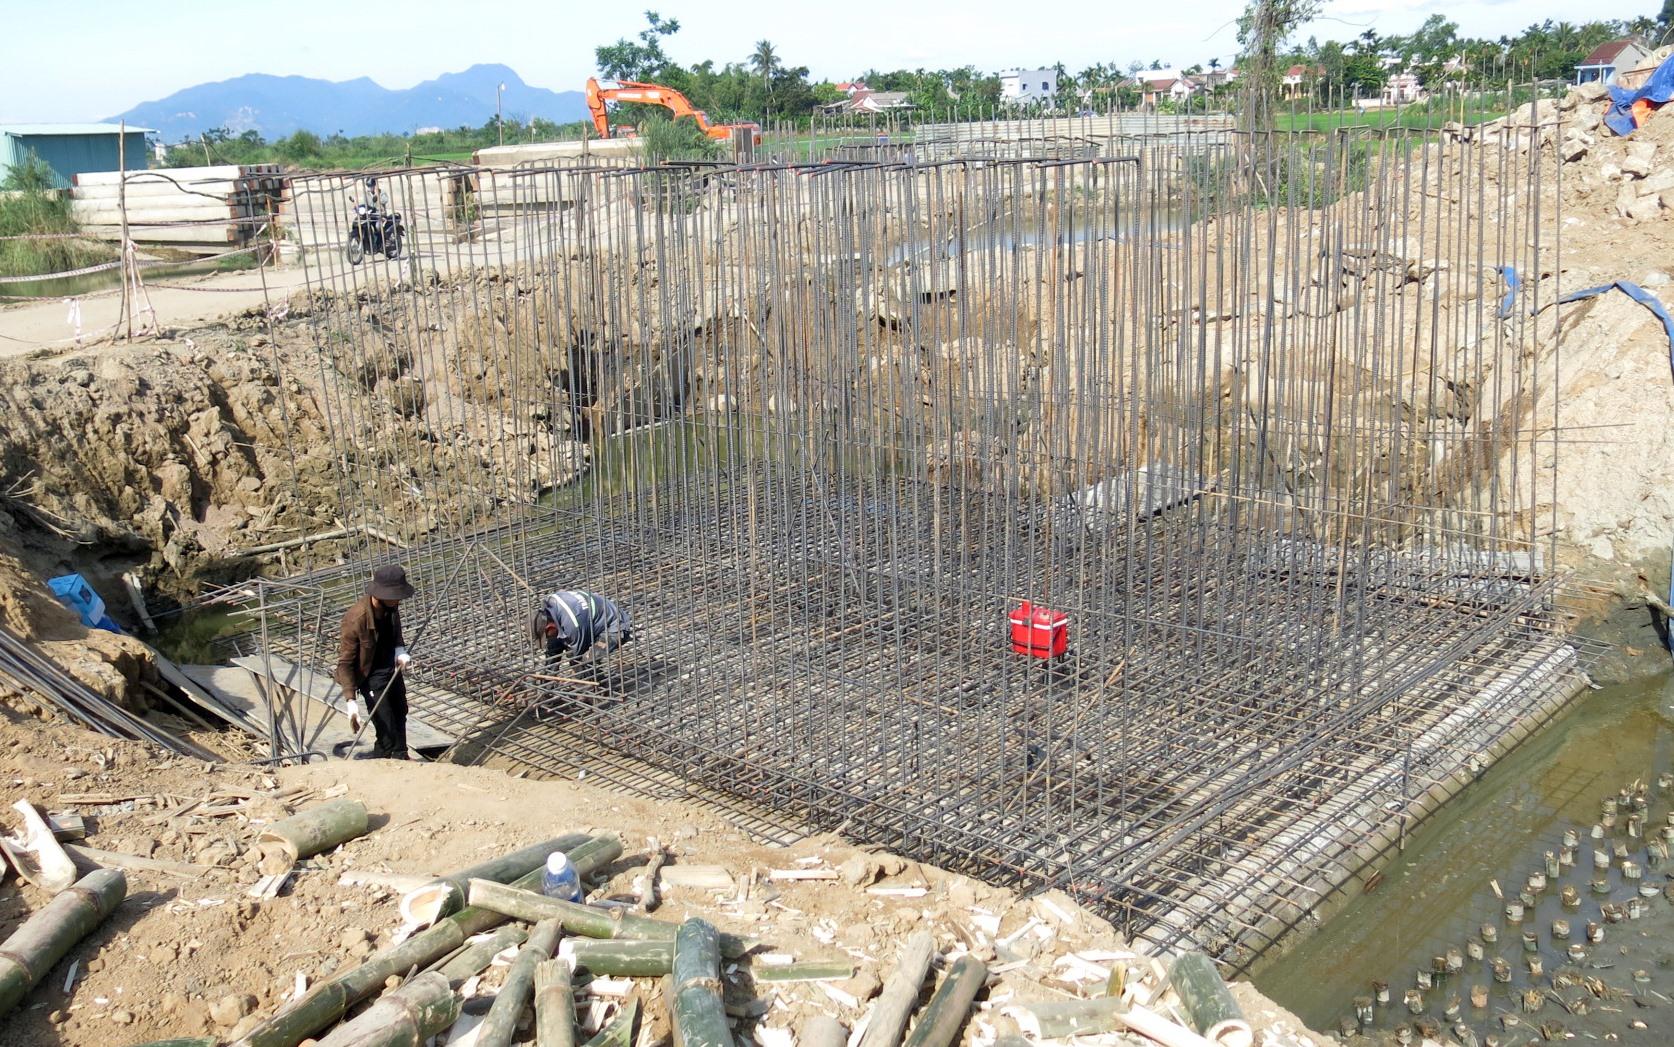 Công trường dự án phát triển môi trường hạ tầng đô thị để ứng phó với biến đổi khí hậu TP.Hội An. Ảnh: T.D